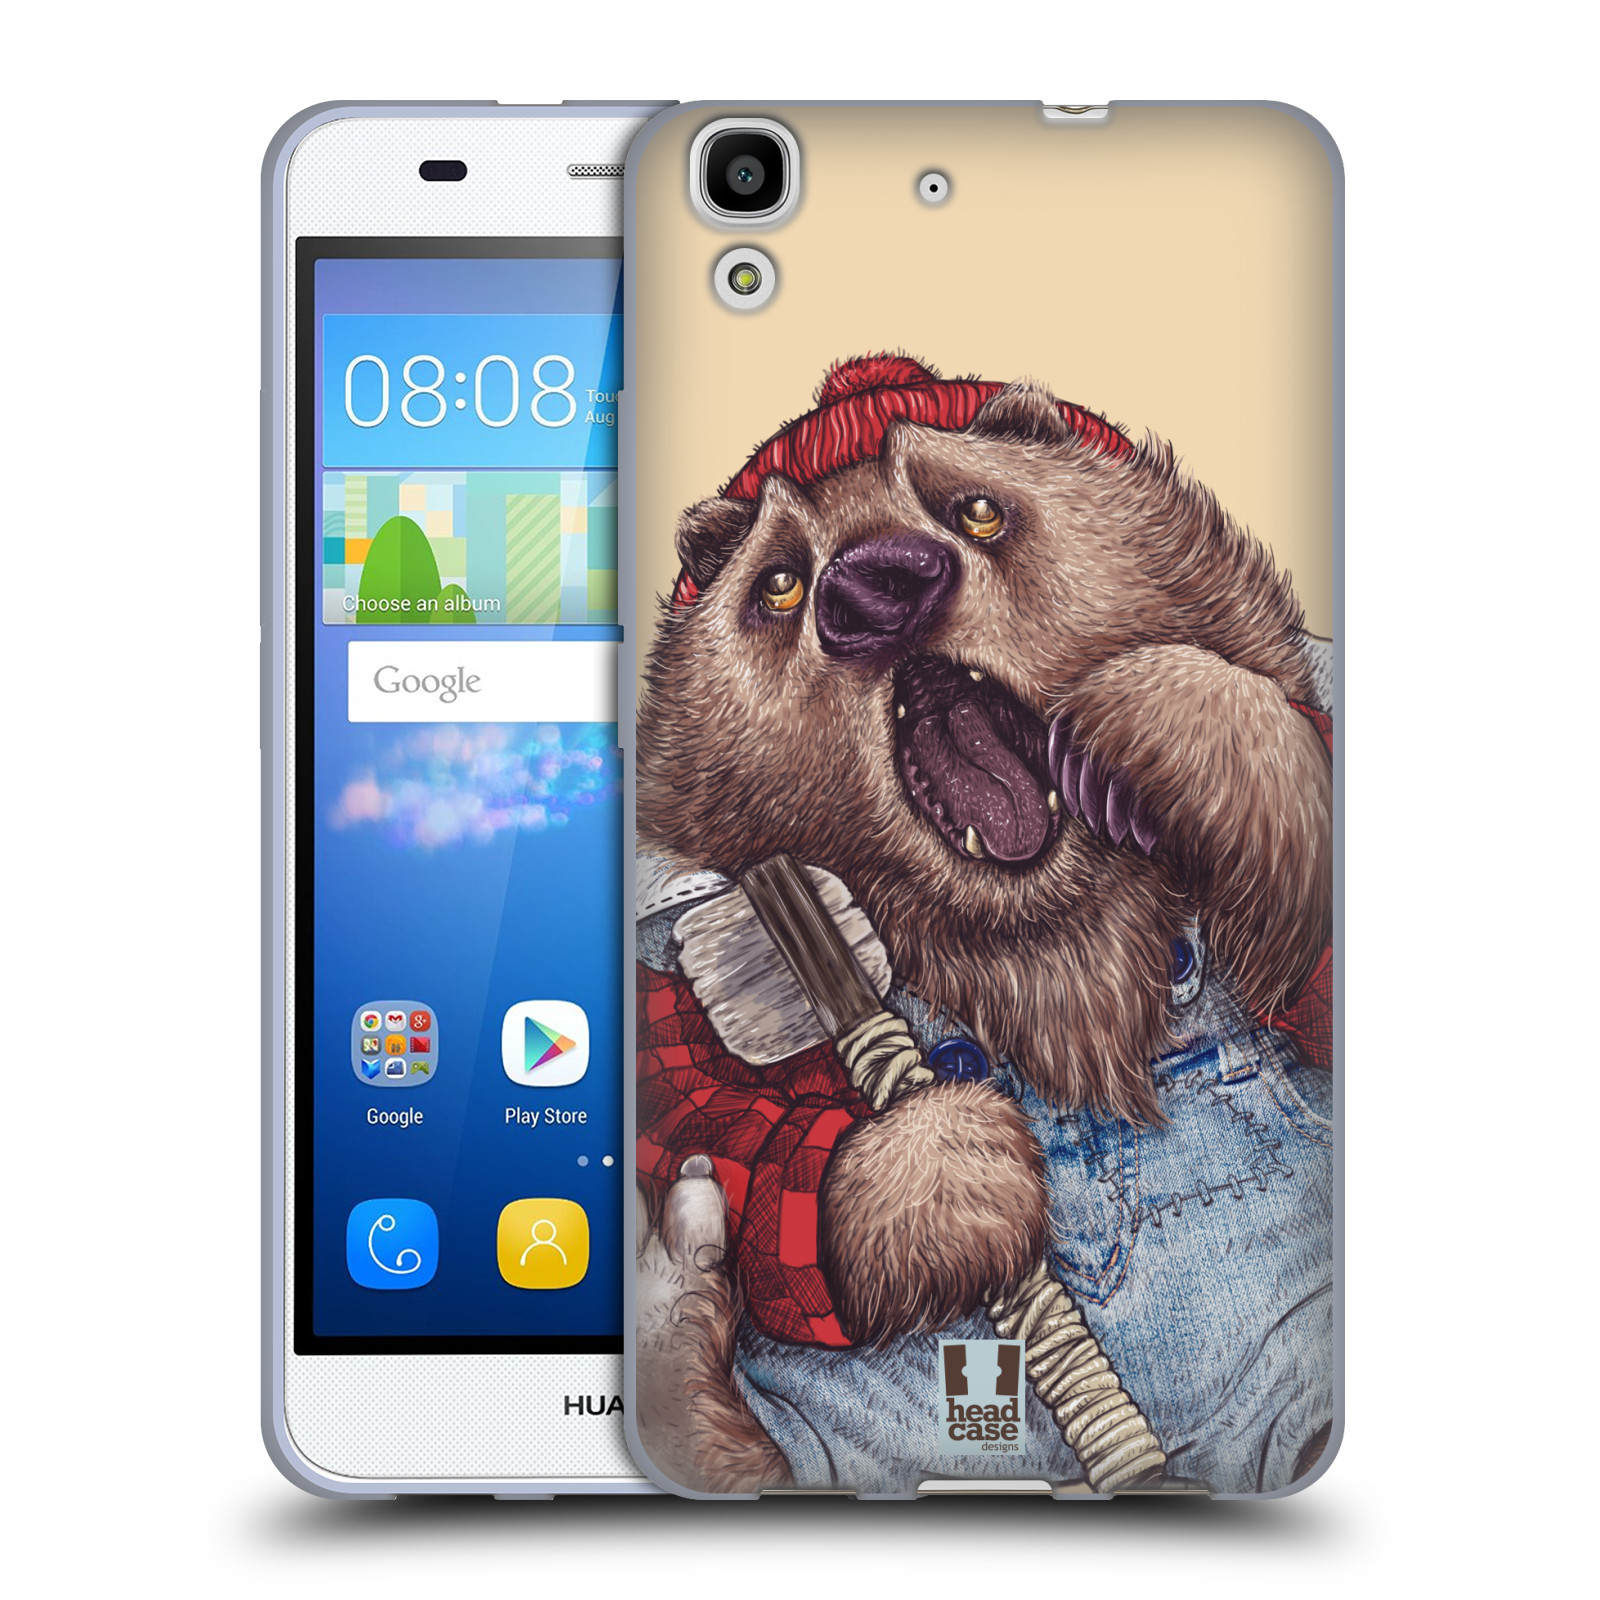 HEAD CASE silikonový obal na mobil HUAWEI Y6 vzor Kreslená zvířátka medvěd